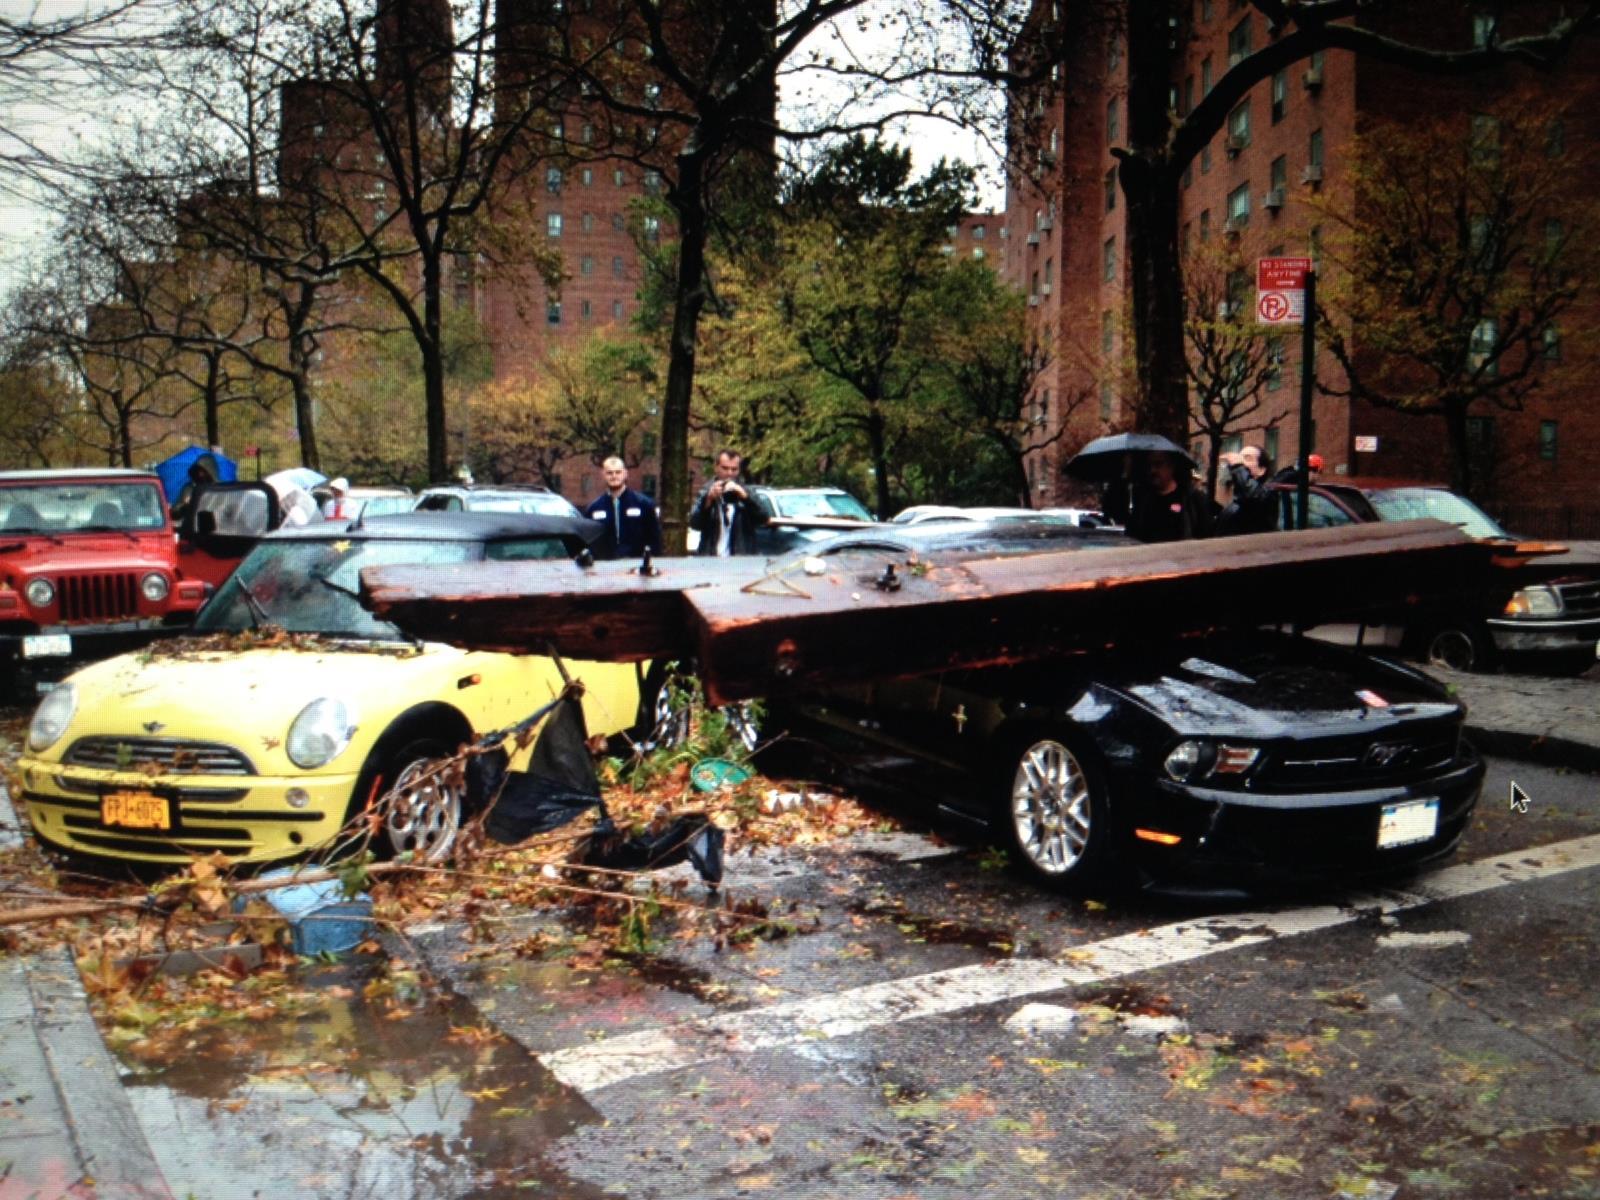 Bilder der Verwüstung erreichen uns aus New York.